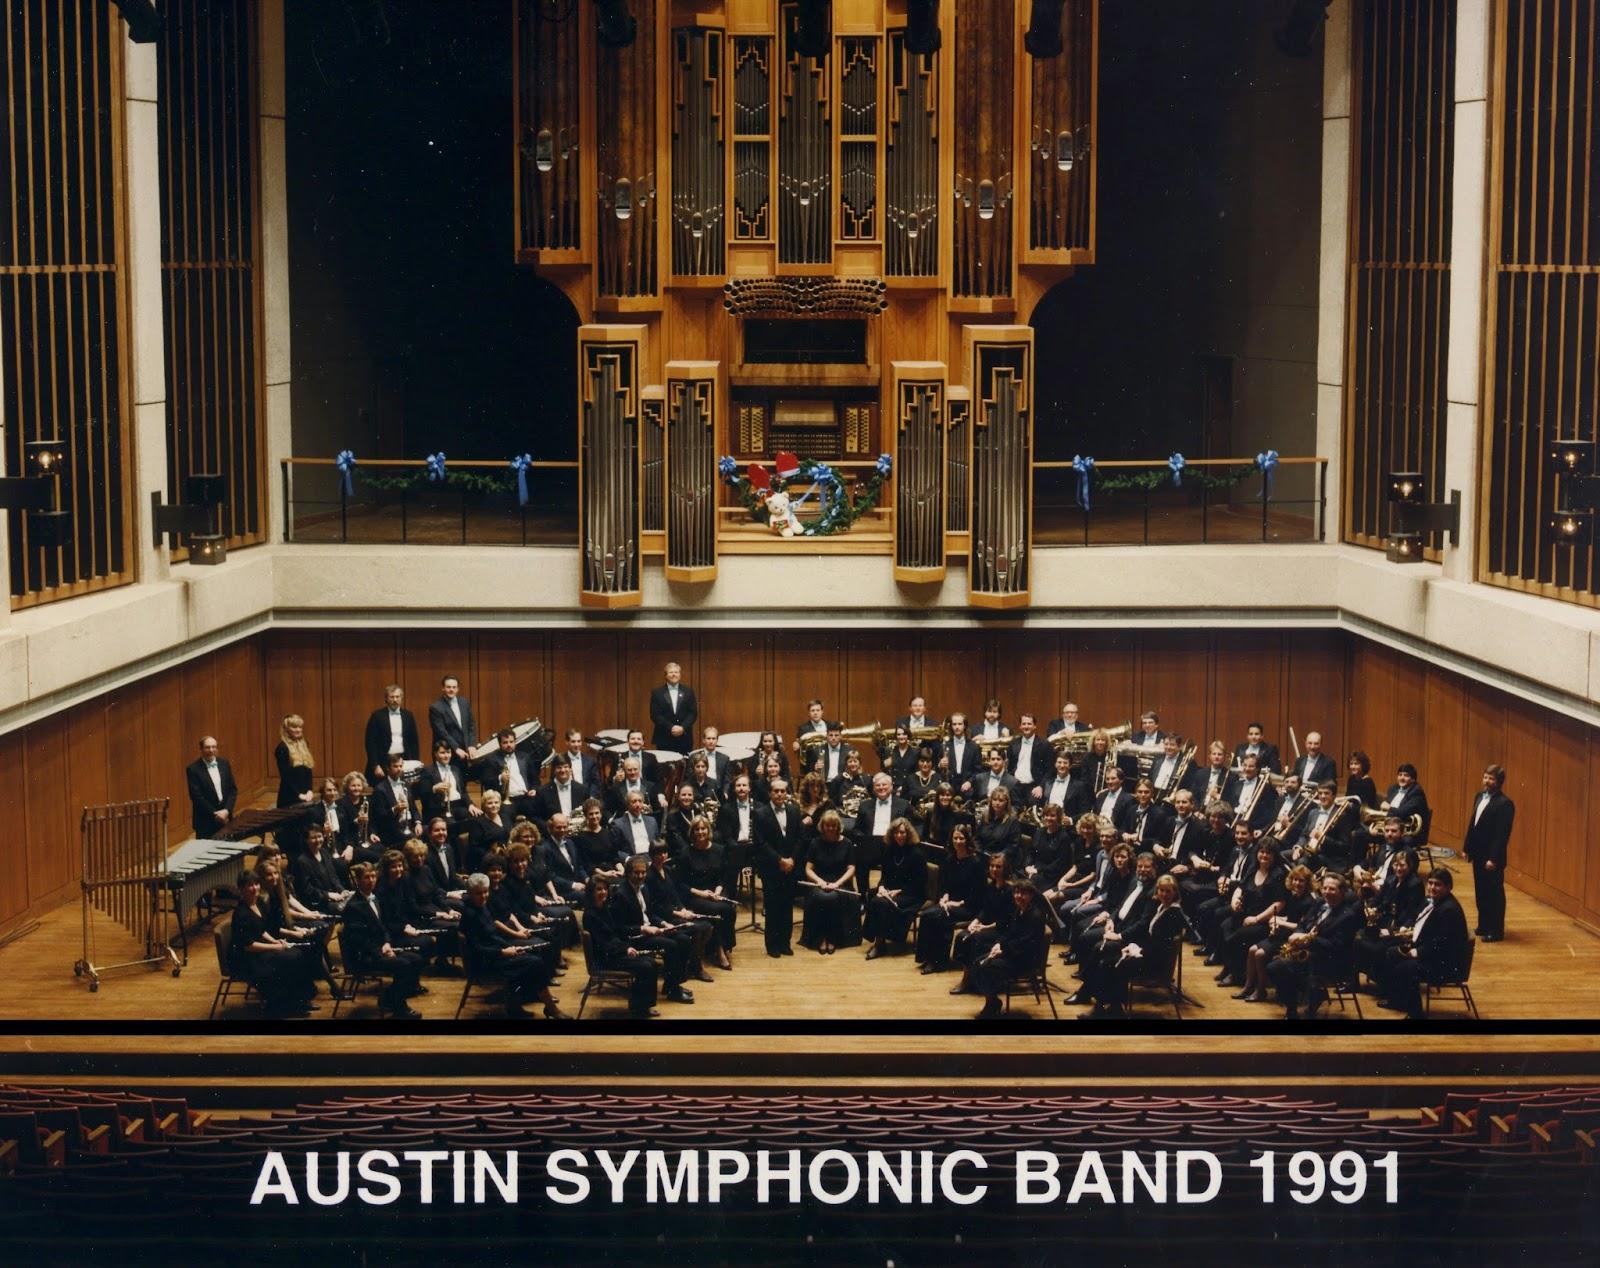 Blue Santa Concert in Bates Recital Hall, November 24, 1991.